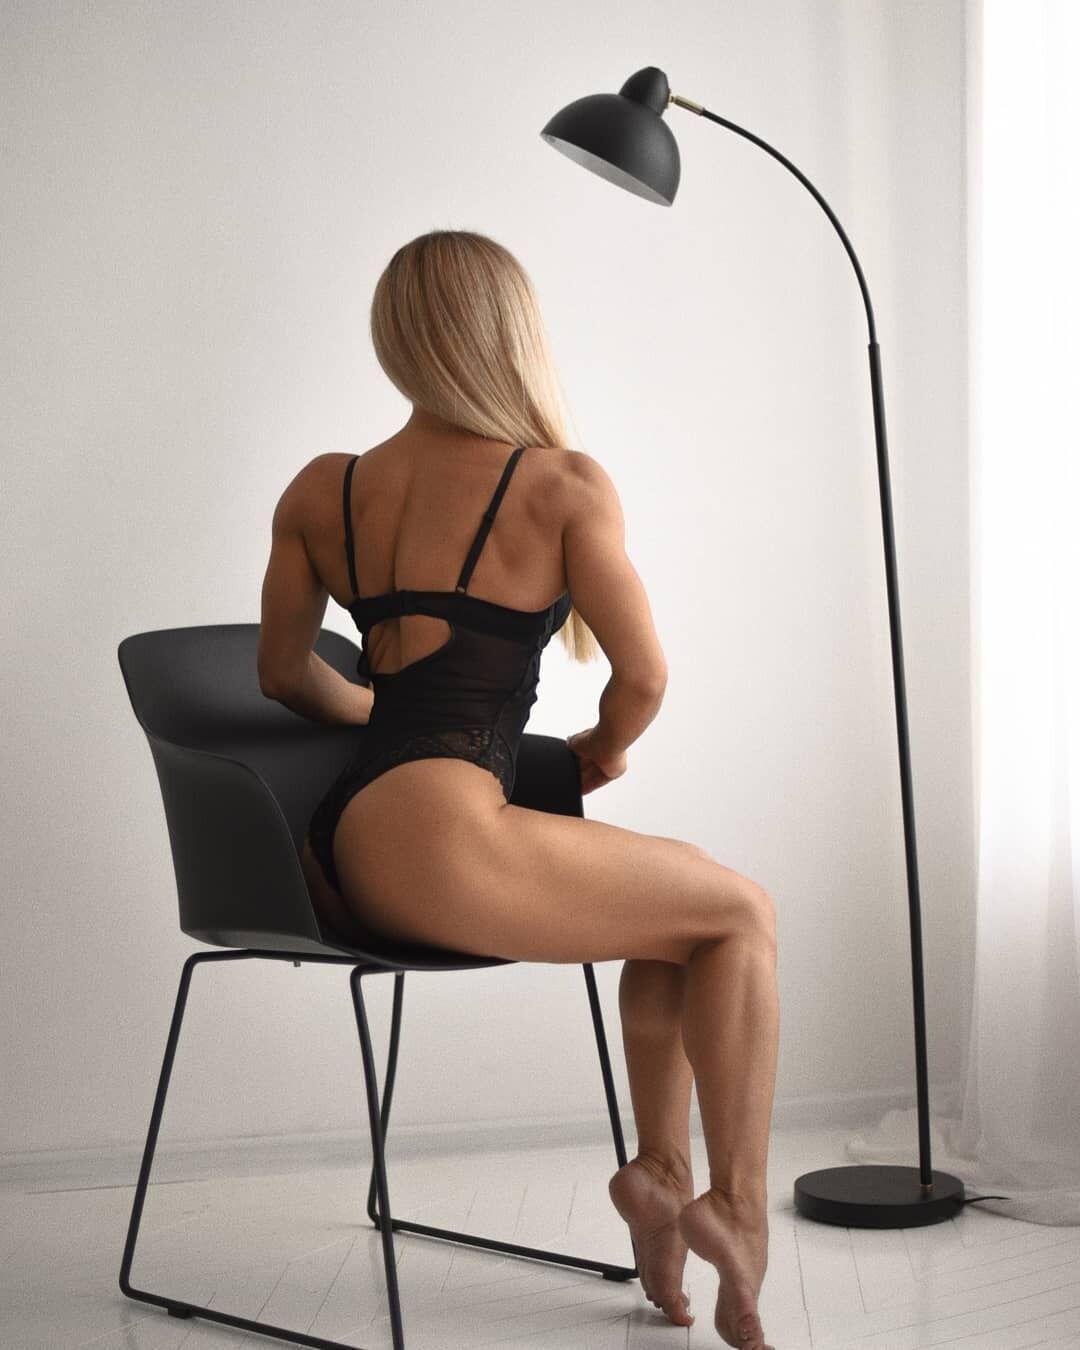 Мария Бурлака снялась в откровенной фотосессии